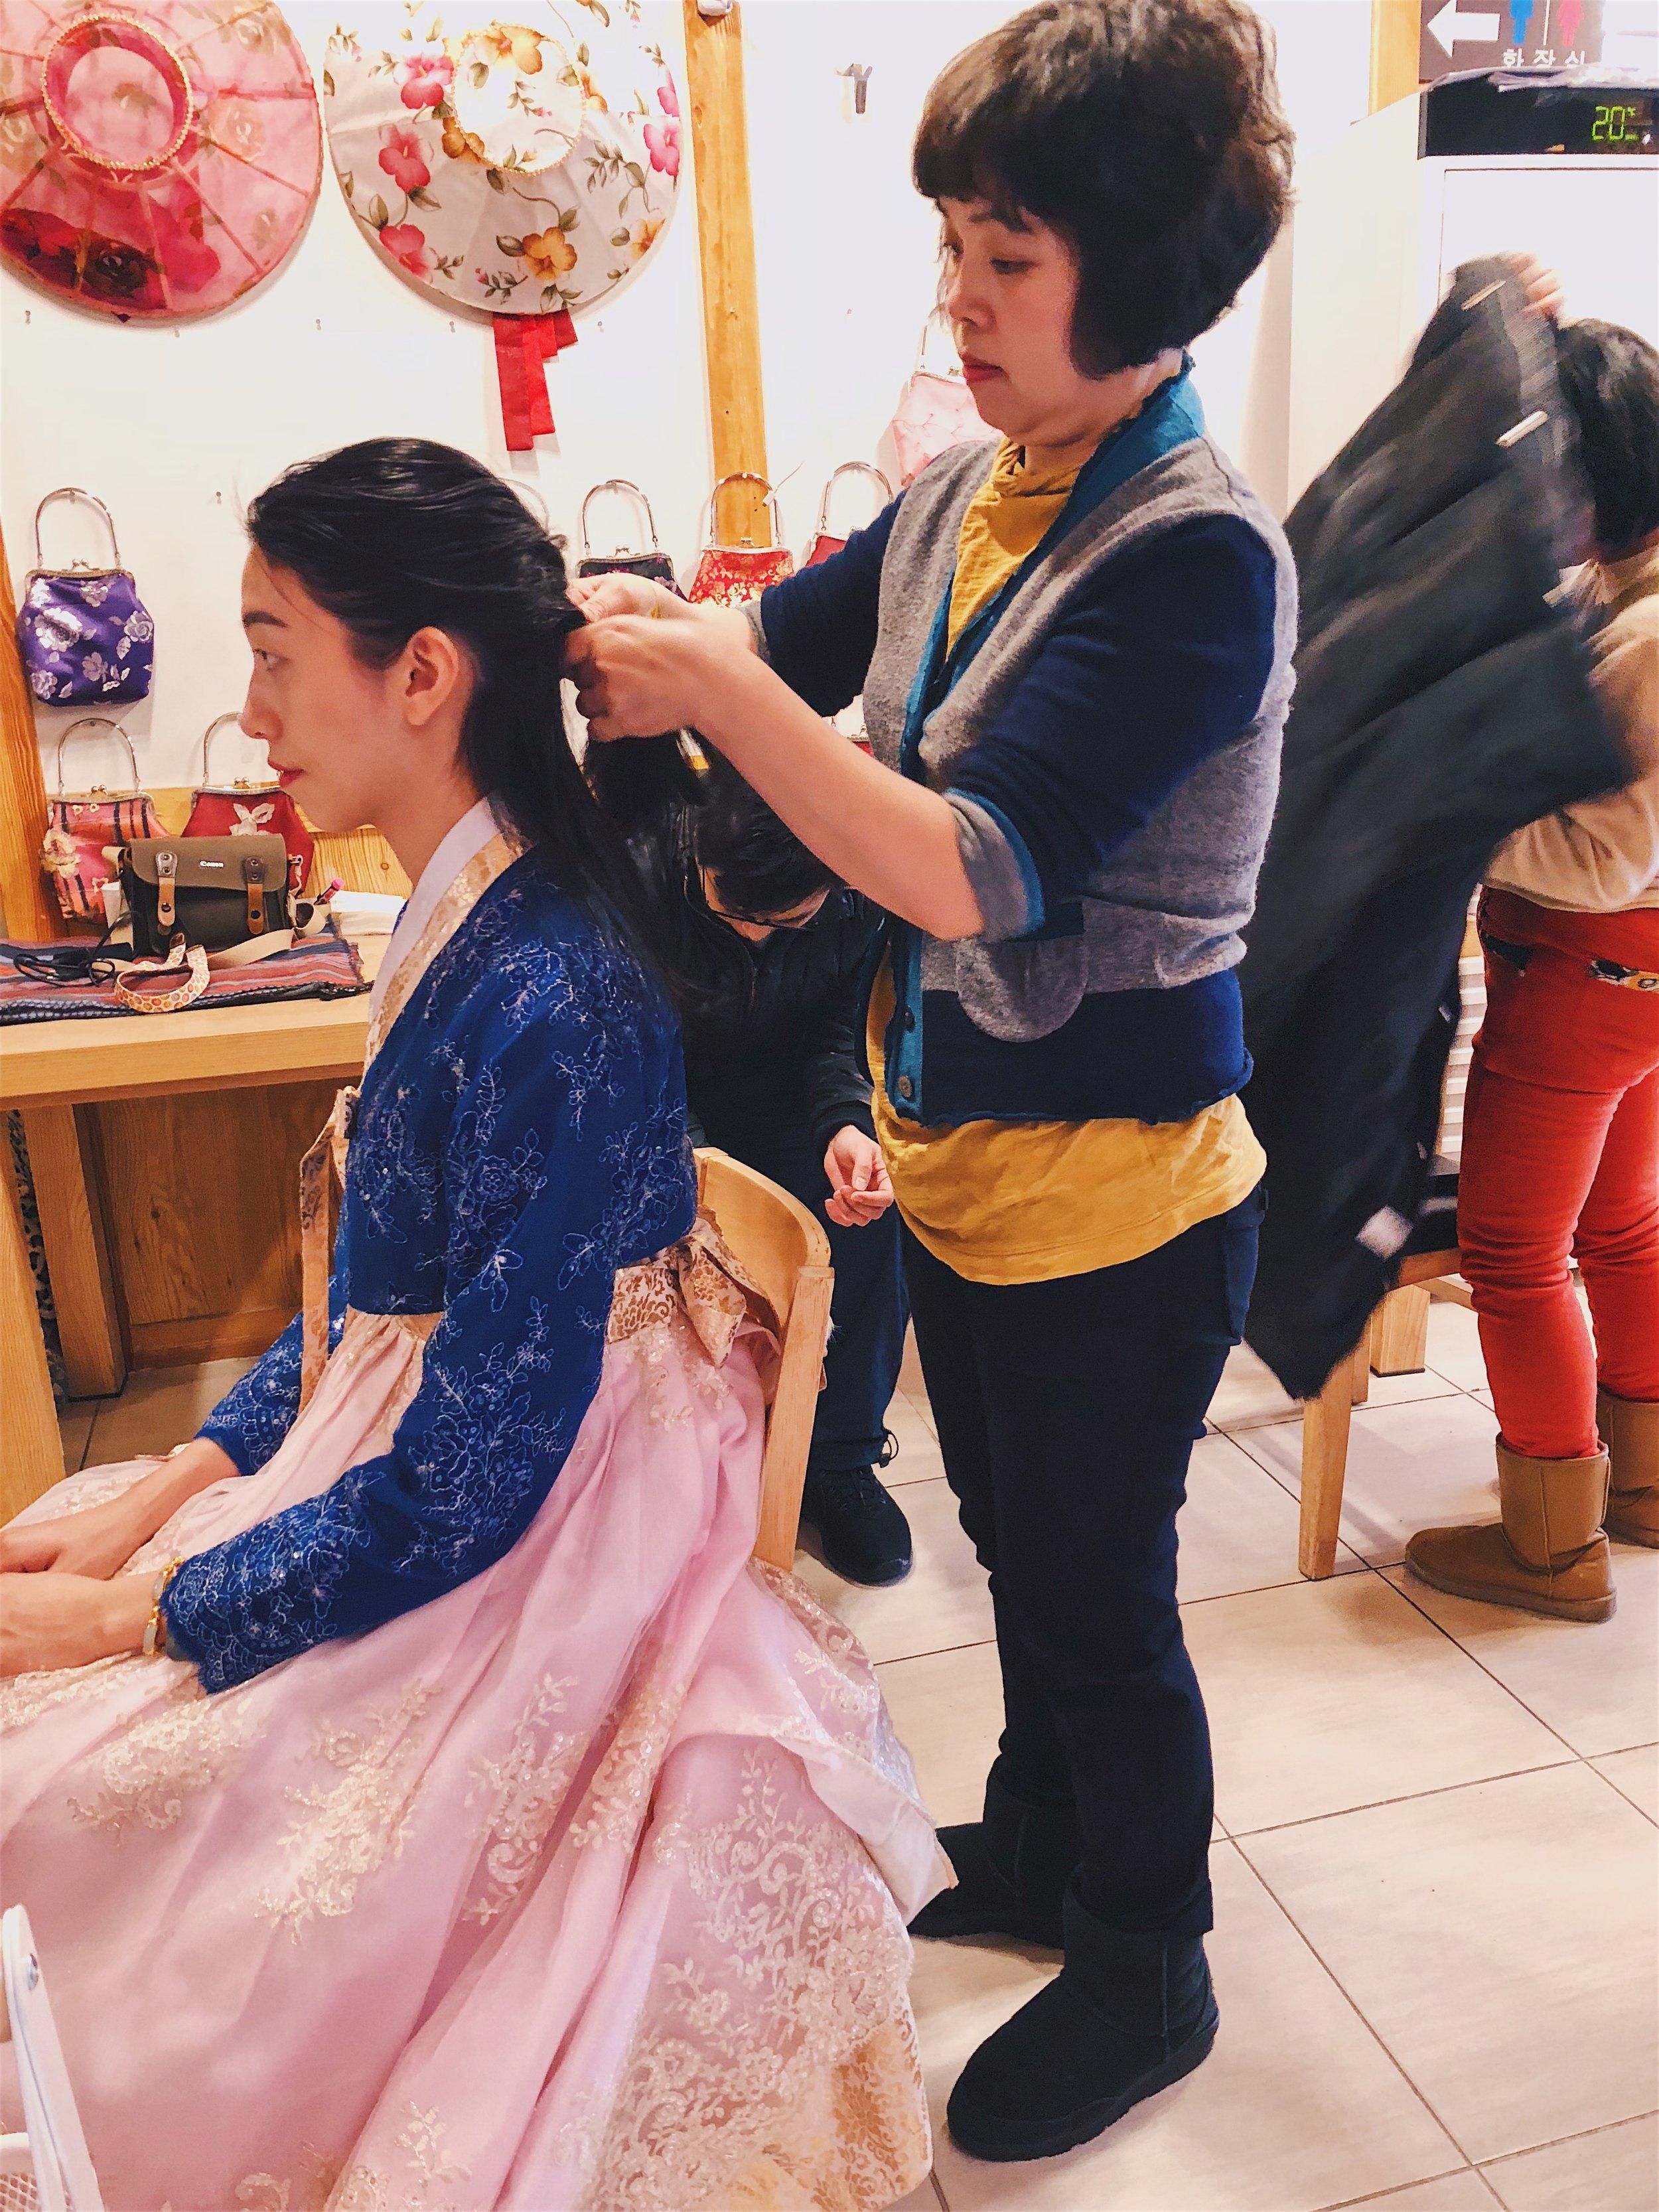 Getting my hair braided